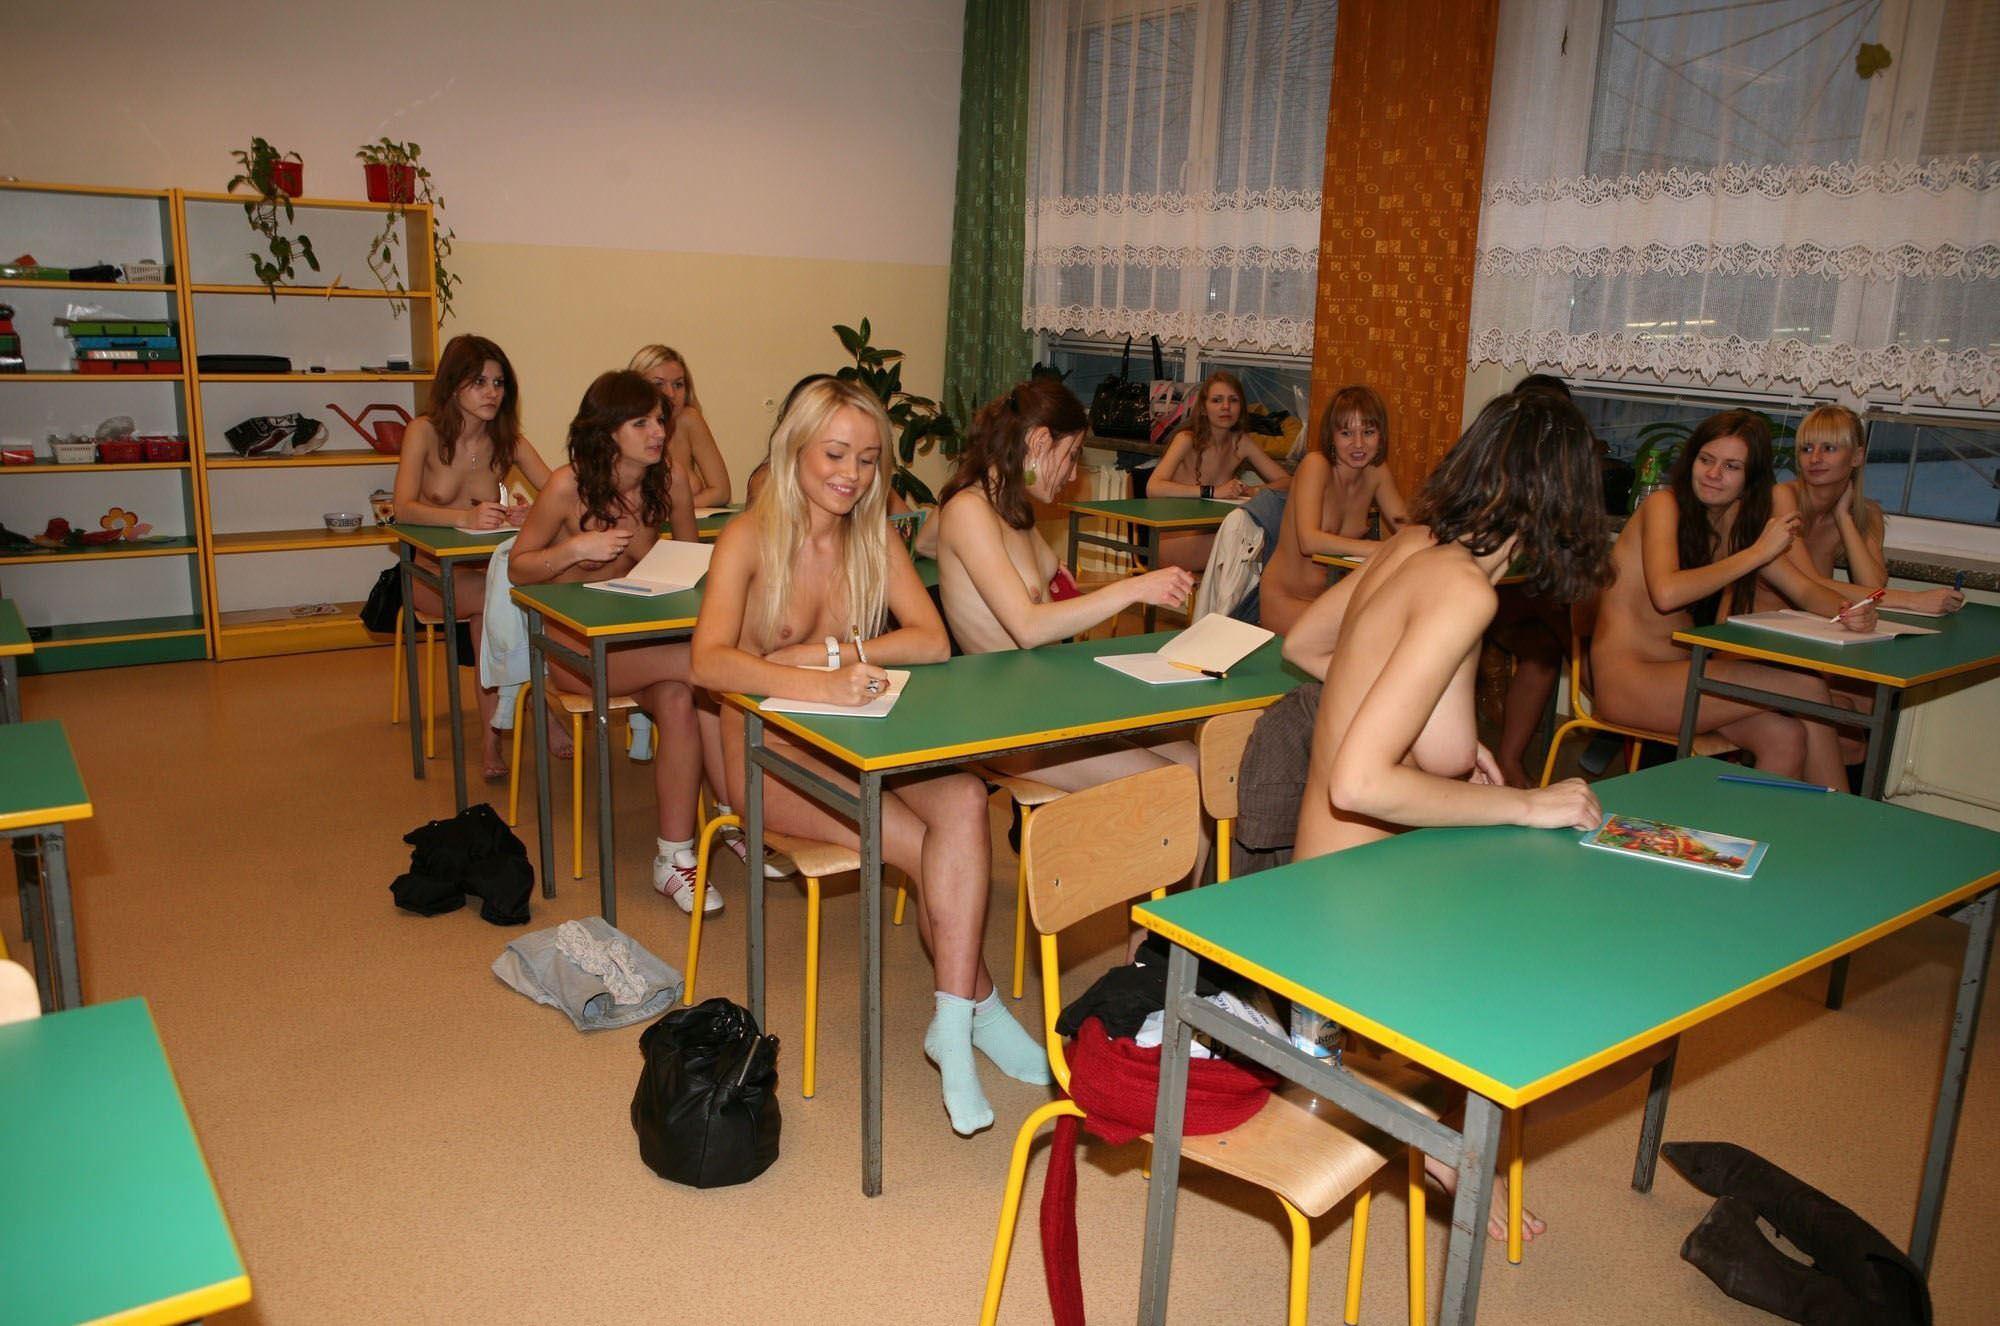 【外人】素っ裸のオールヌードで授業を受けるクラスのおふざけポルノ画像 17180